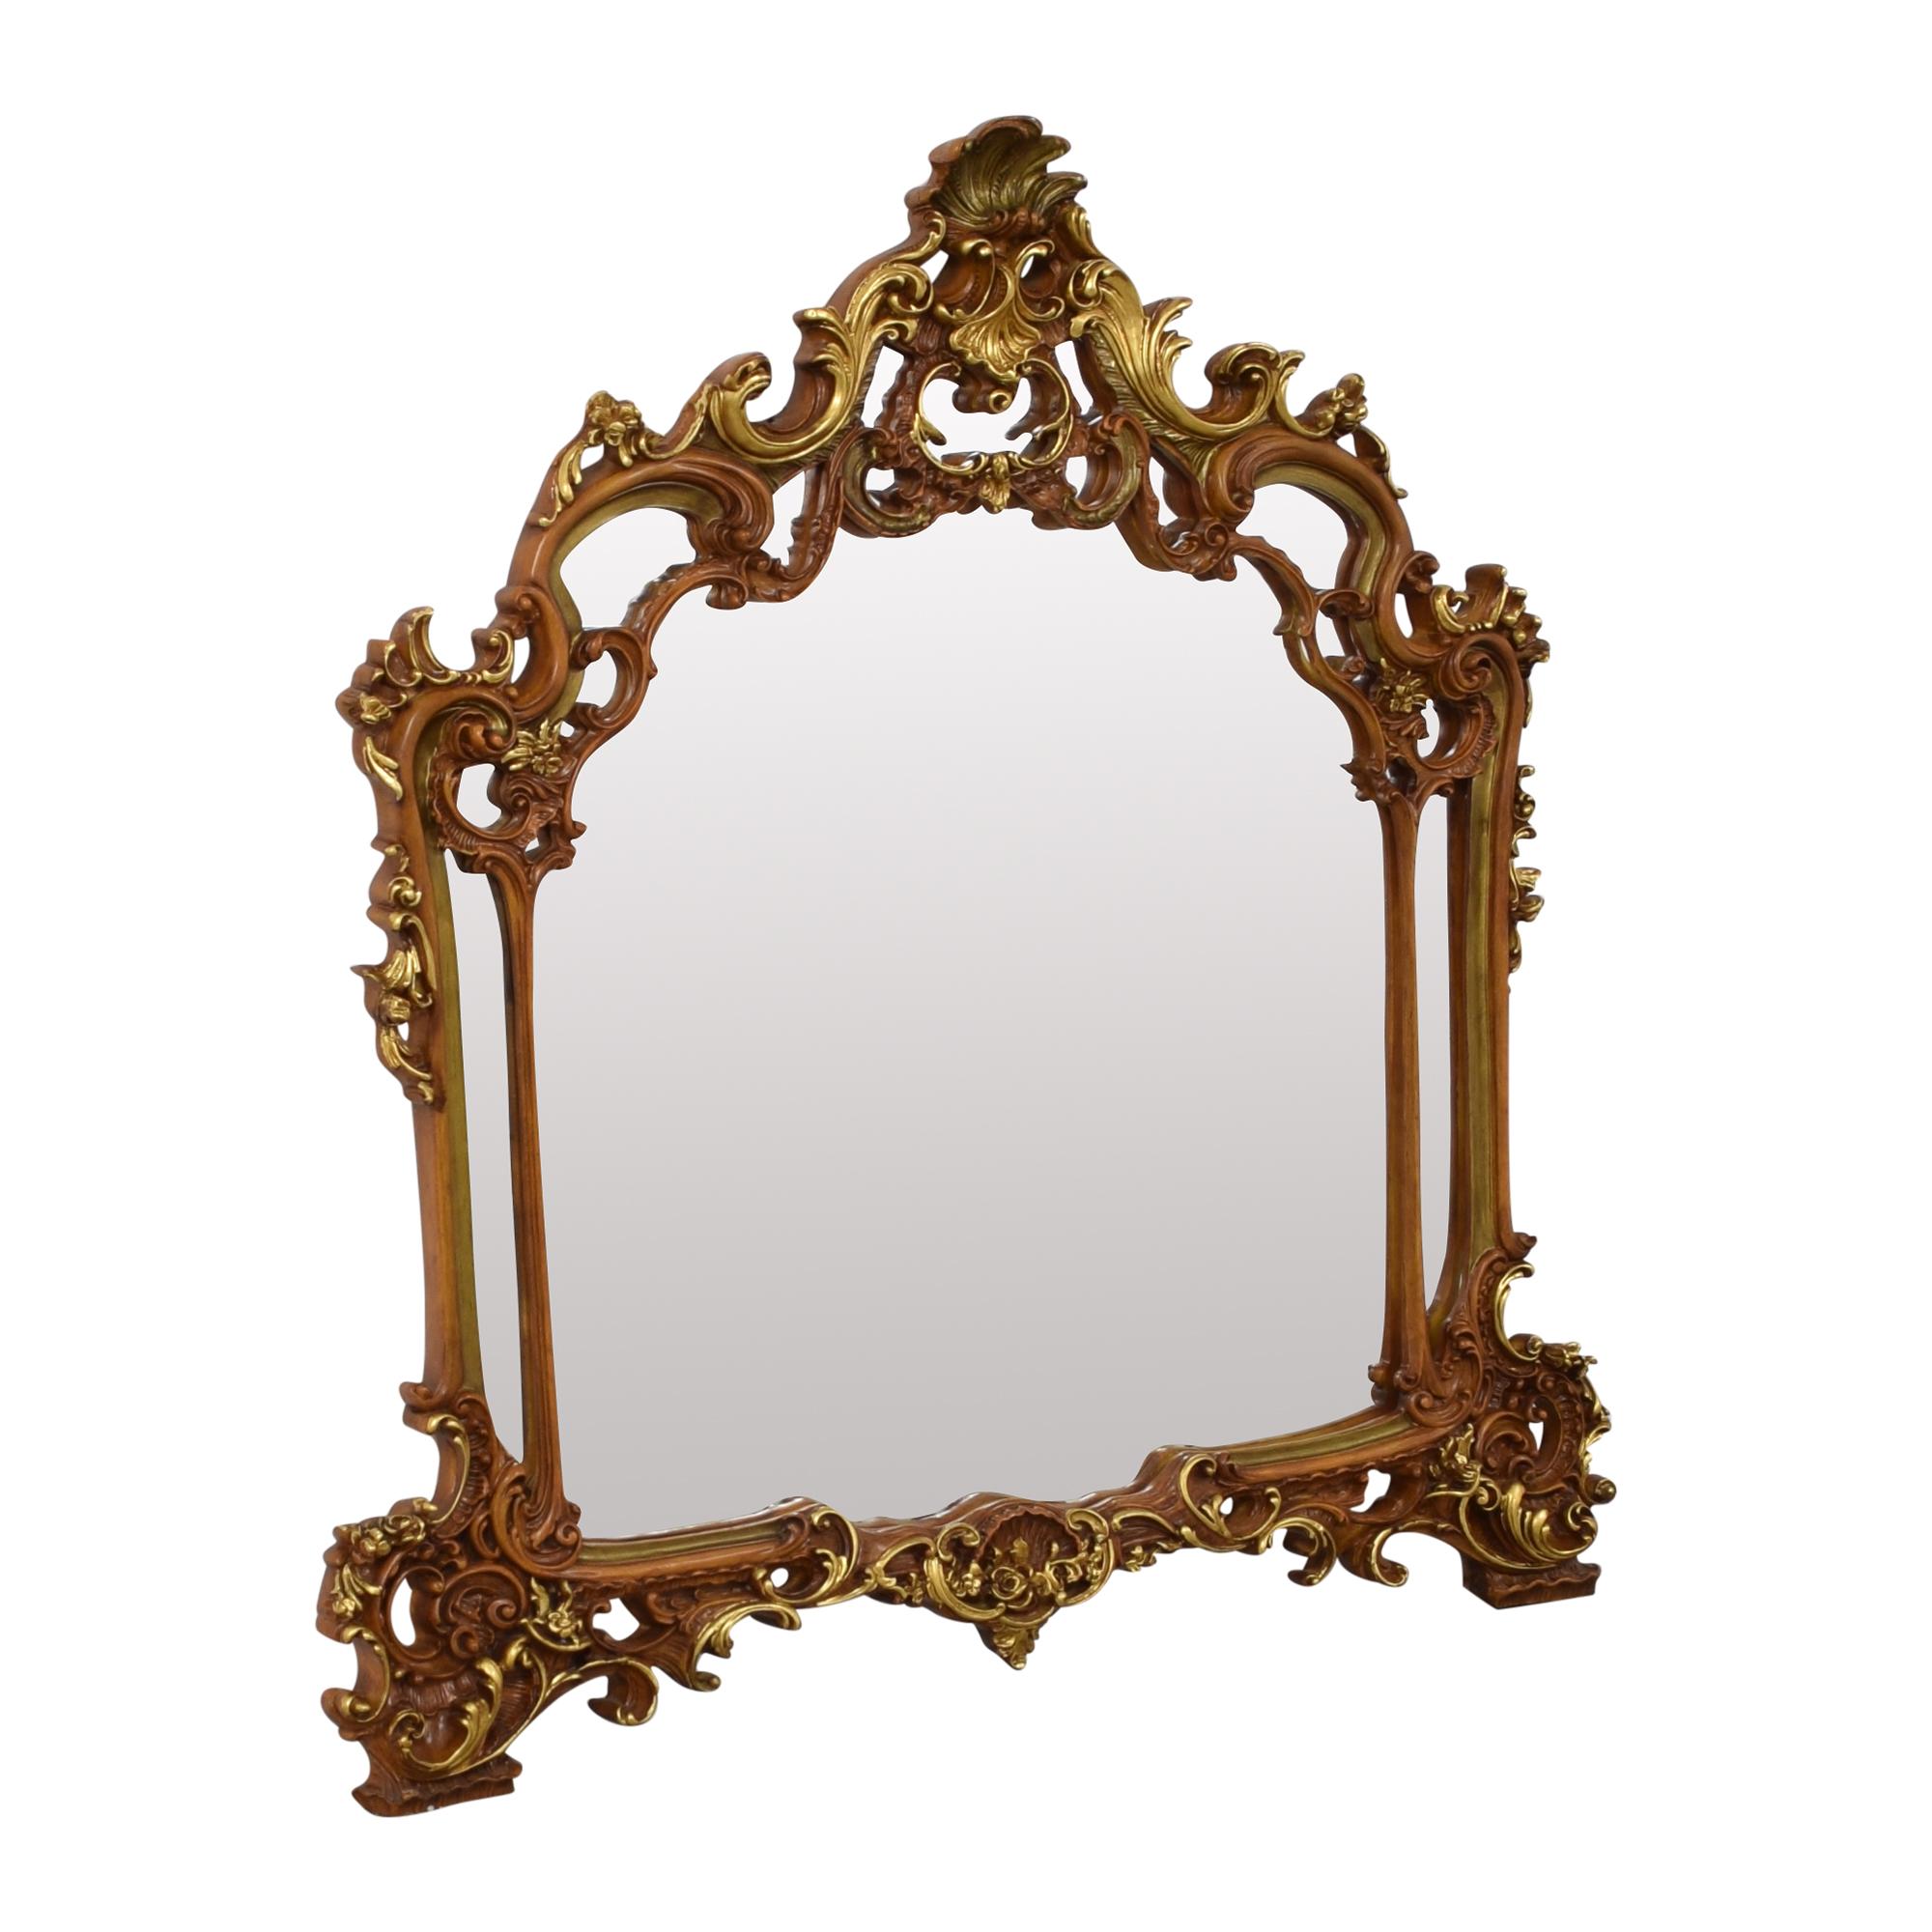 Crowned Top Mirror